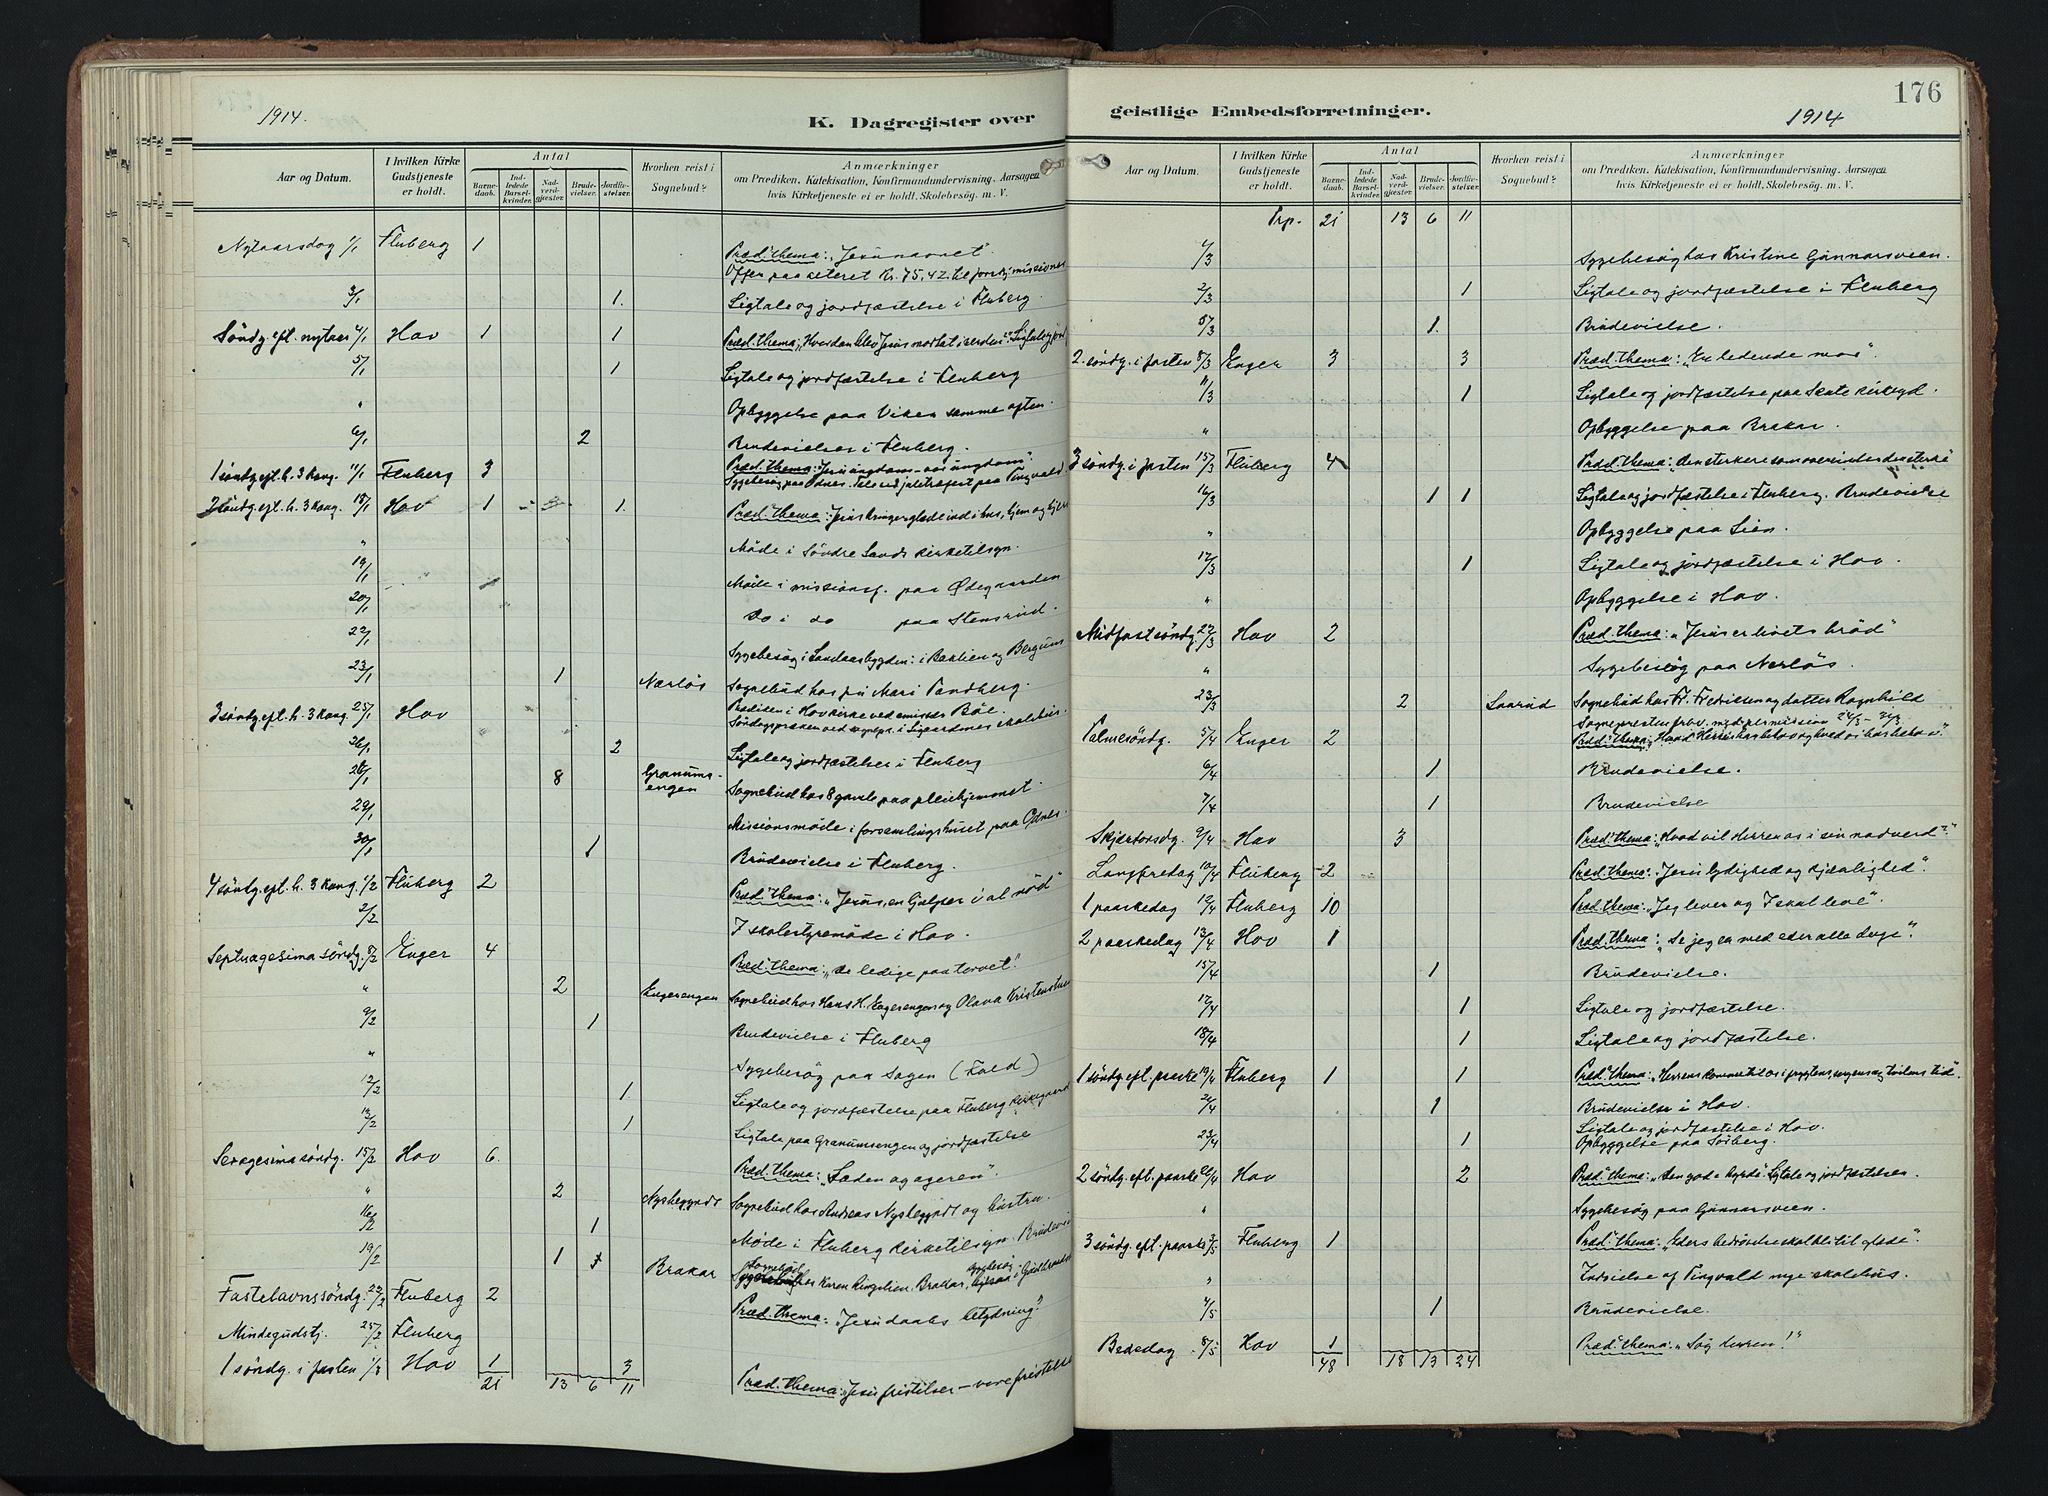 SAH, Søndre Land prestekontor, K/L0005: Ministerialbok nr. 5, 1905-1914, s. 176